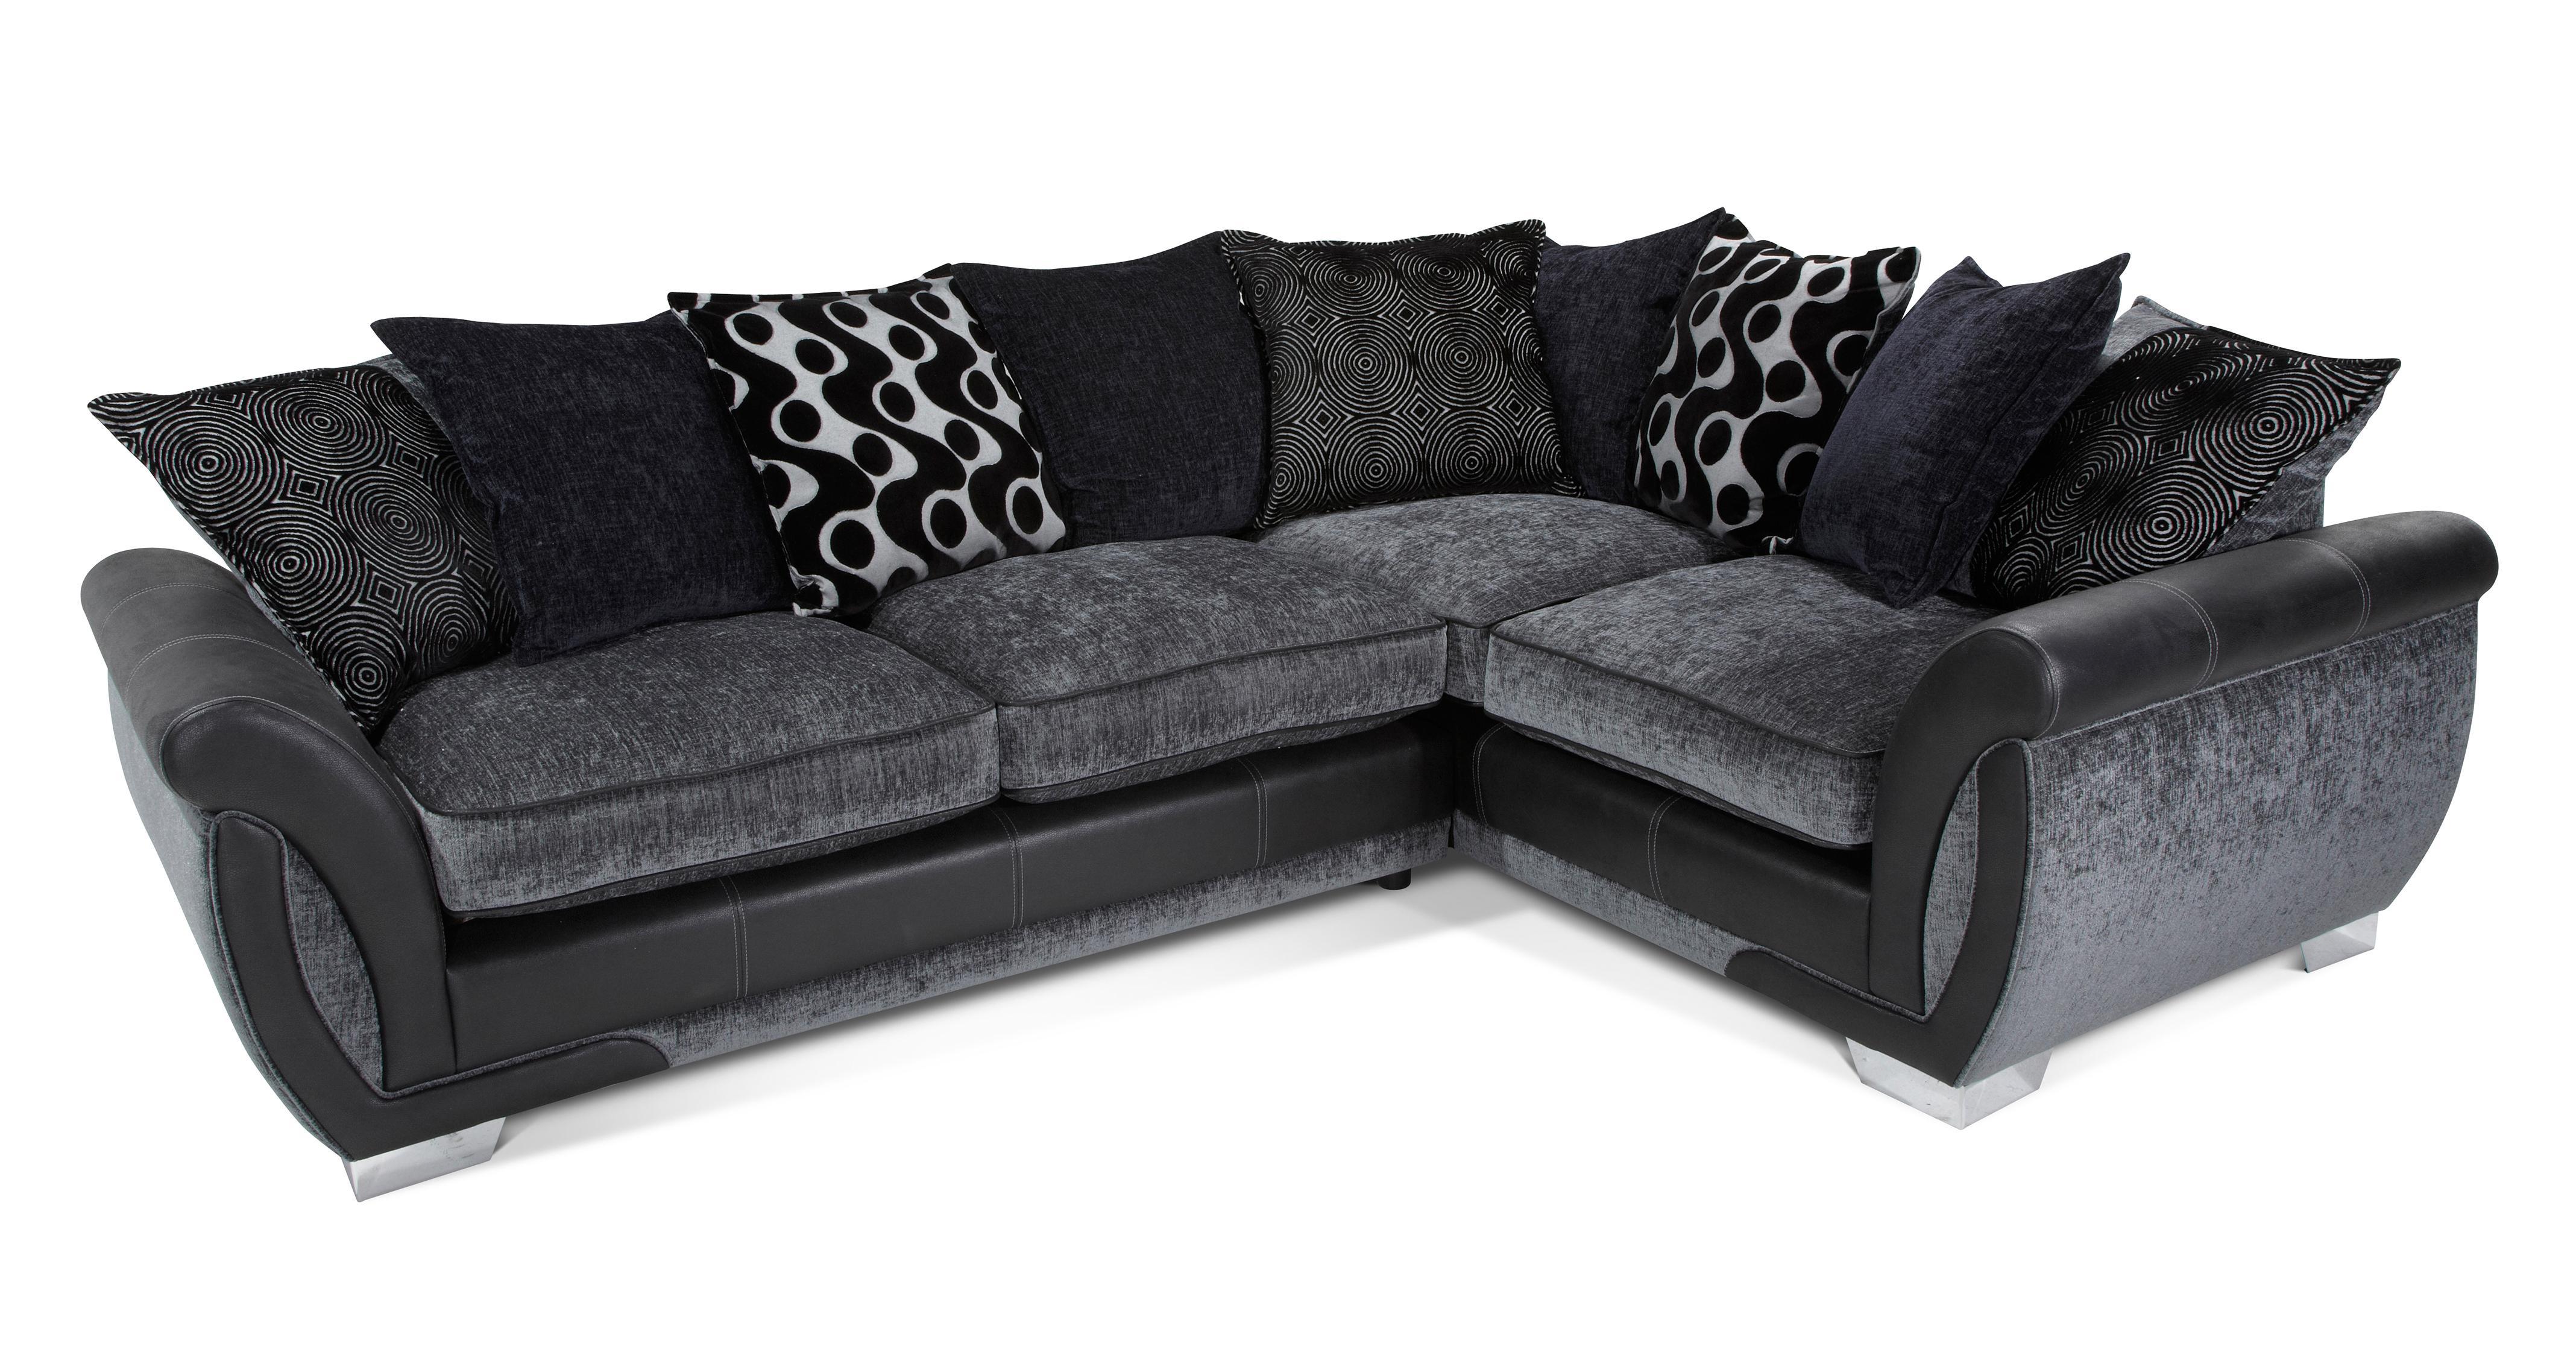 Groovy Dfs Dark Grey Corner Sofa Redglobalmx Org Squirreltailoven Fun Painted Chair Ideas Images Squirreltailovenorg